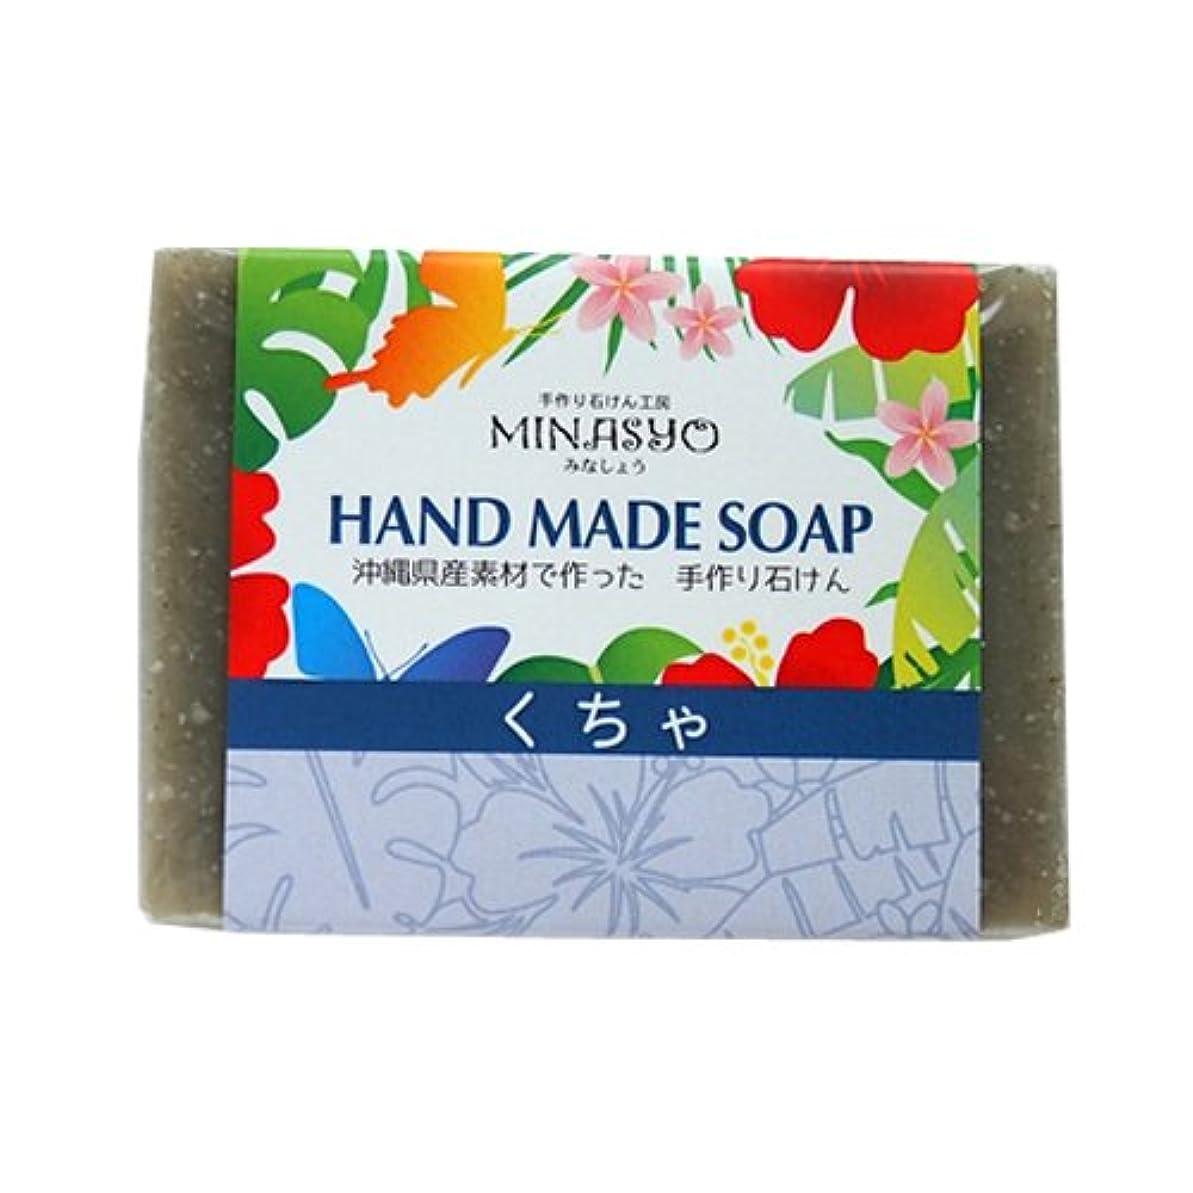 グラディスクレデンシャル間接的洗顔石鹸 毛穴ケア メンズ 無添加 固形 くちゃパック 手作りくちゃ石鹸